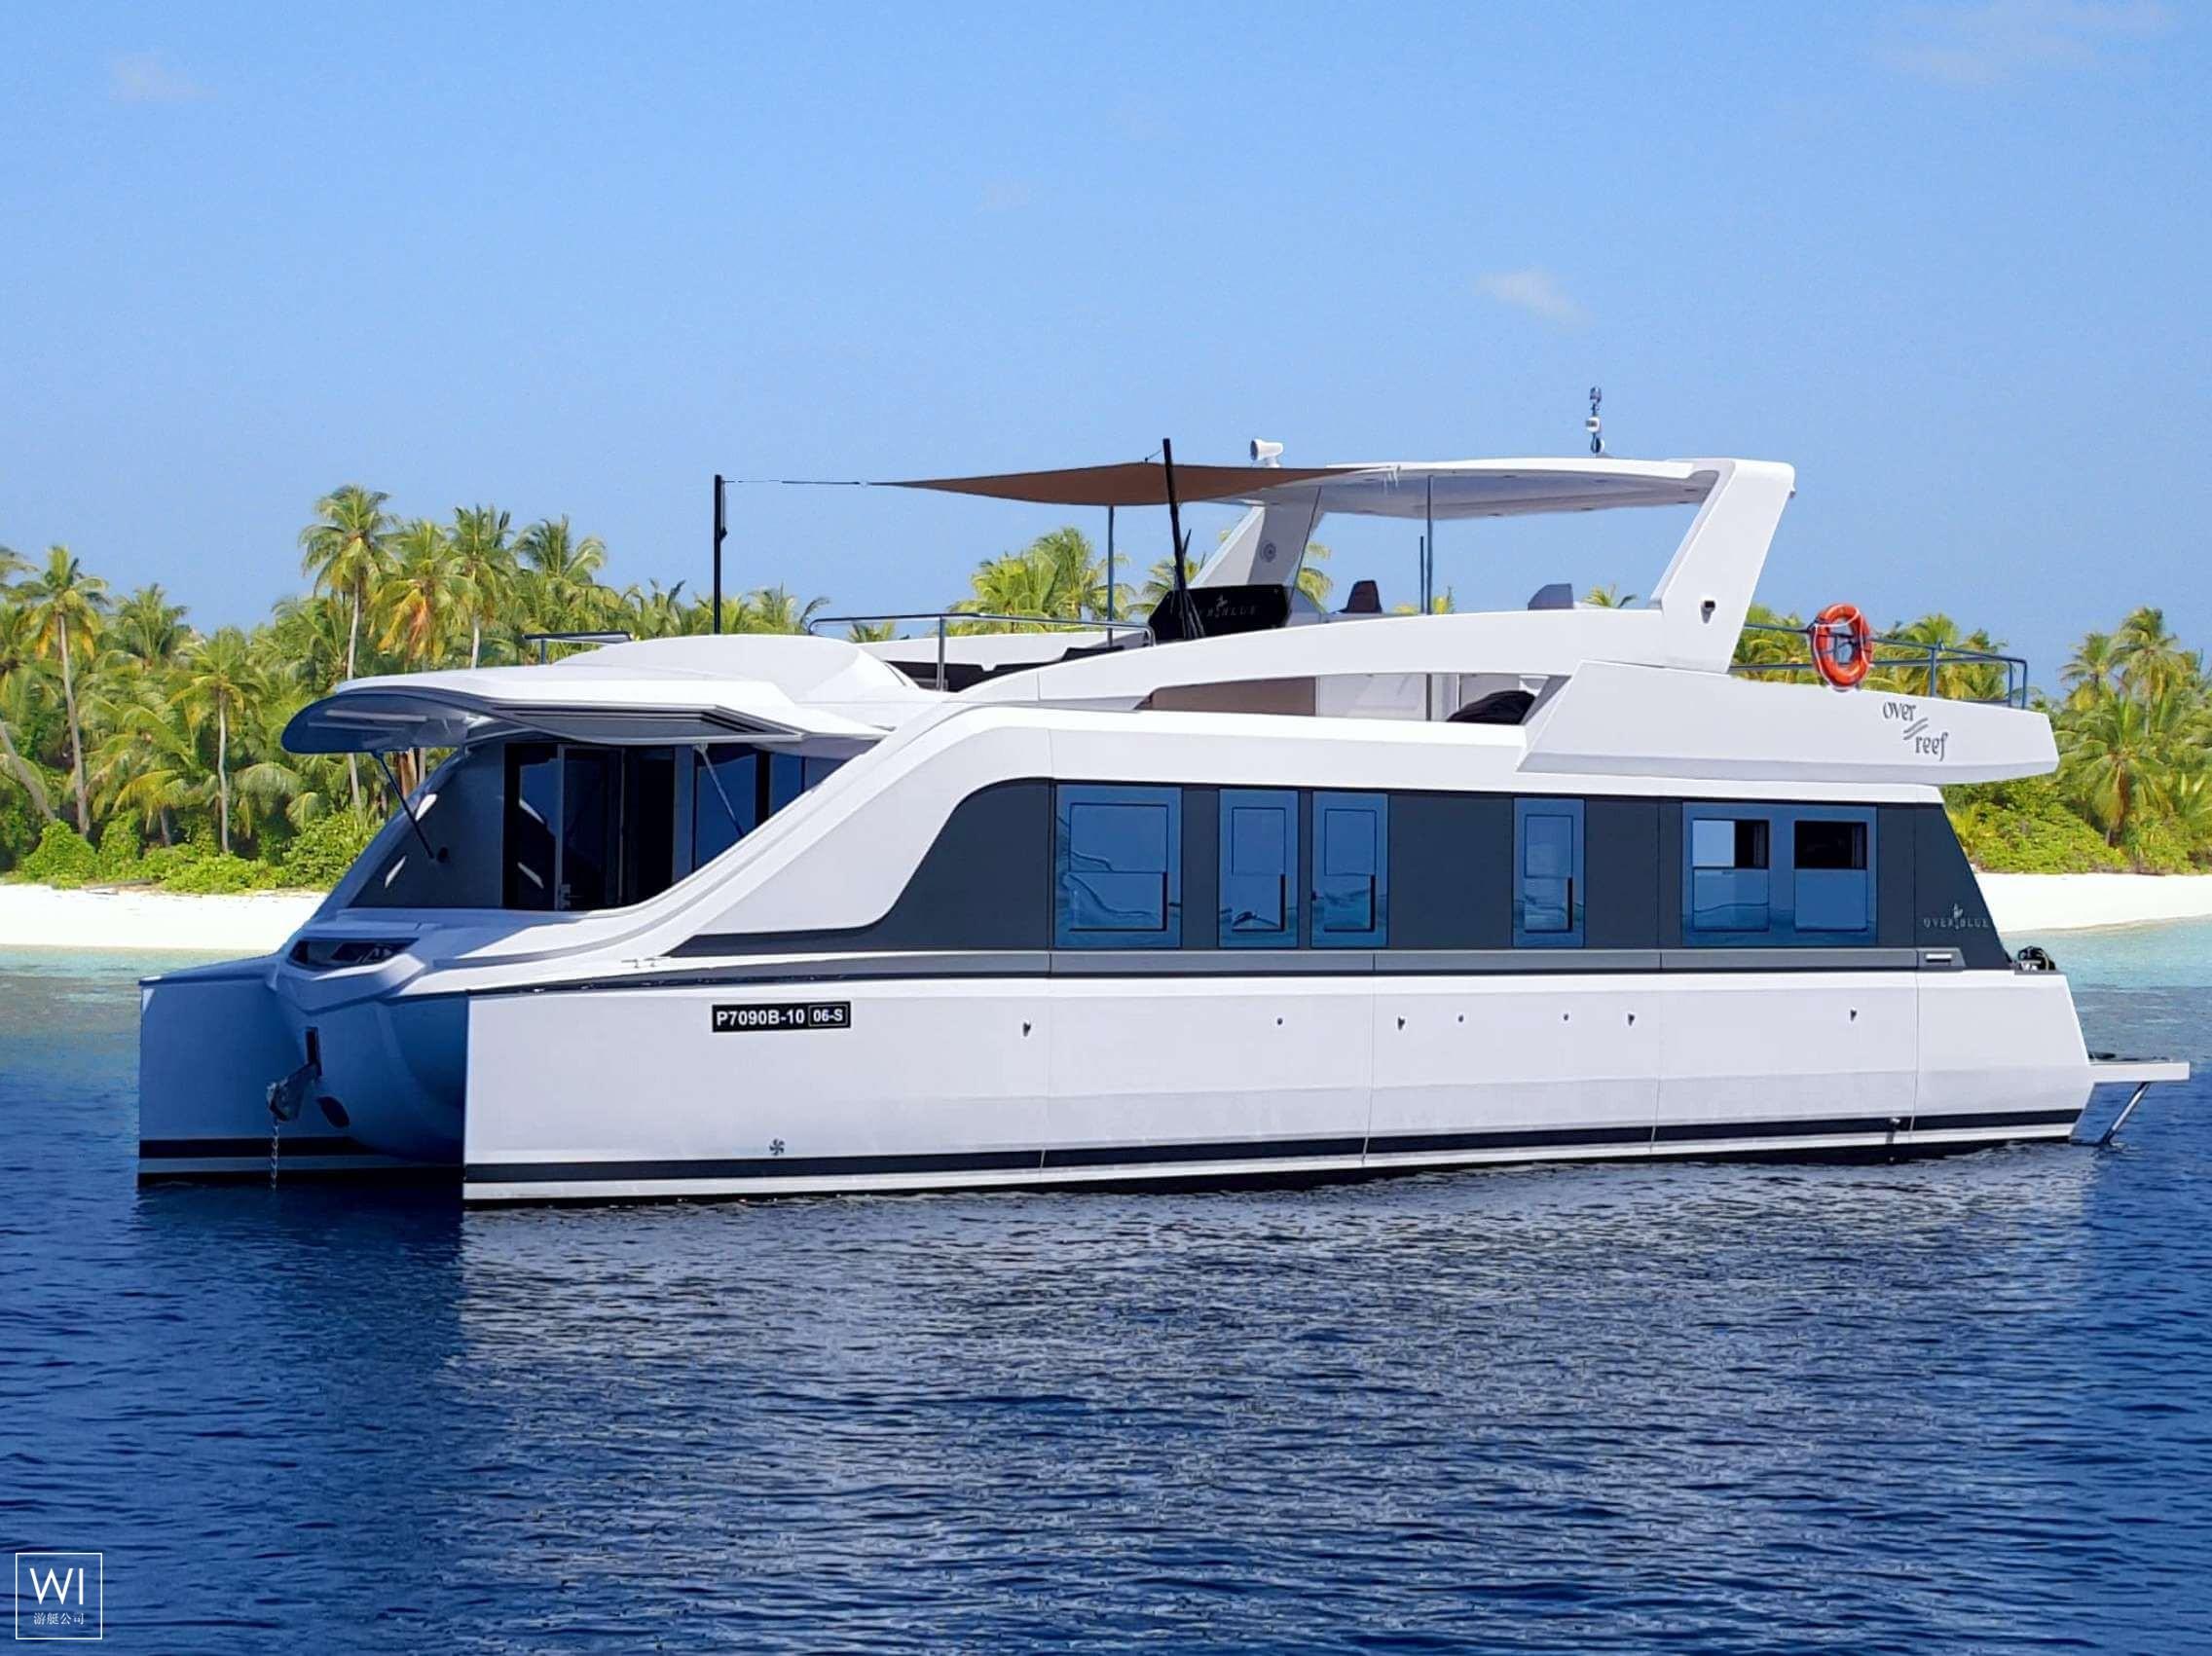 OVER REEF Custom Catamaran 54'